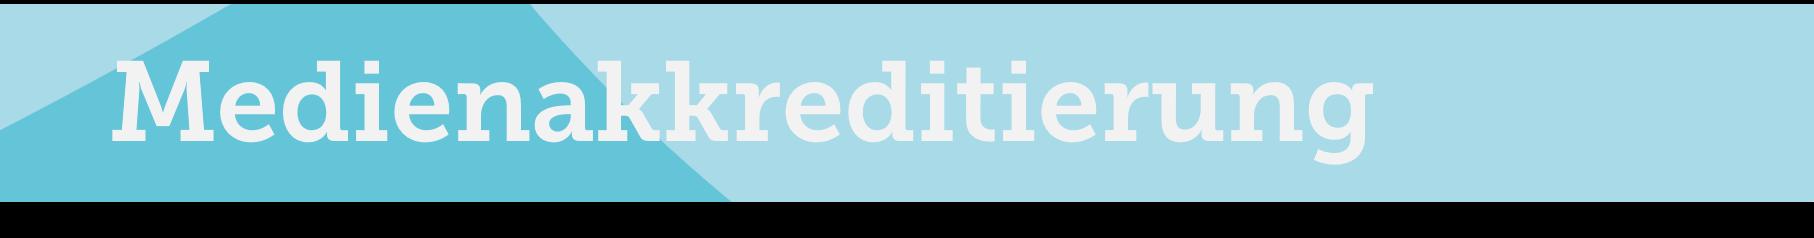 Medienakkreditierung.png